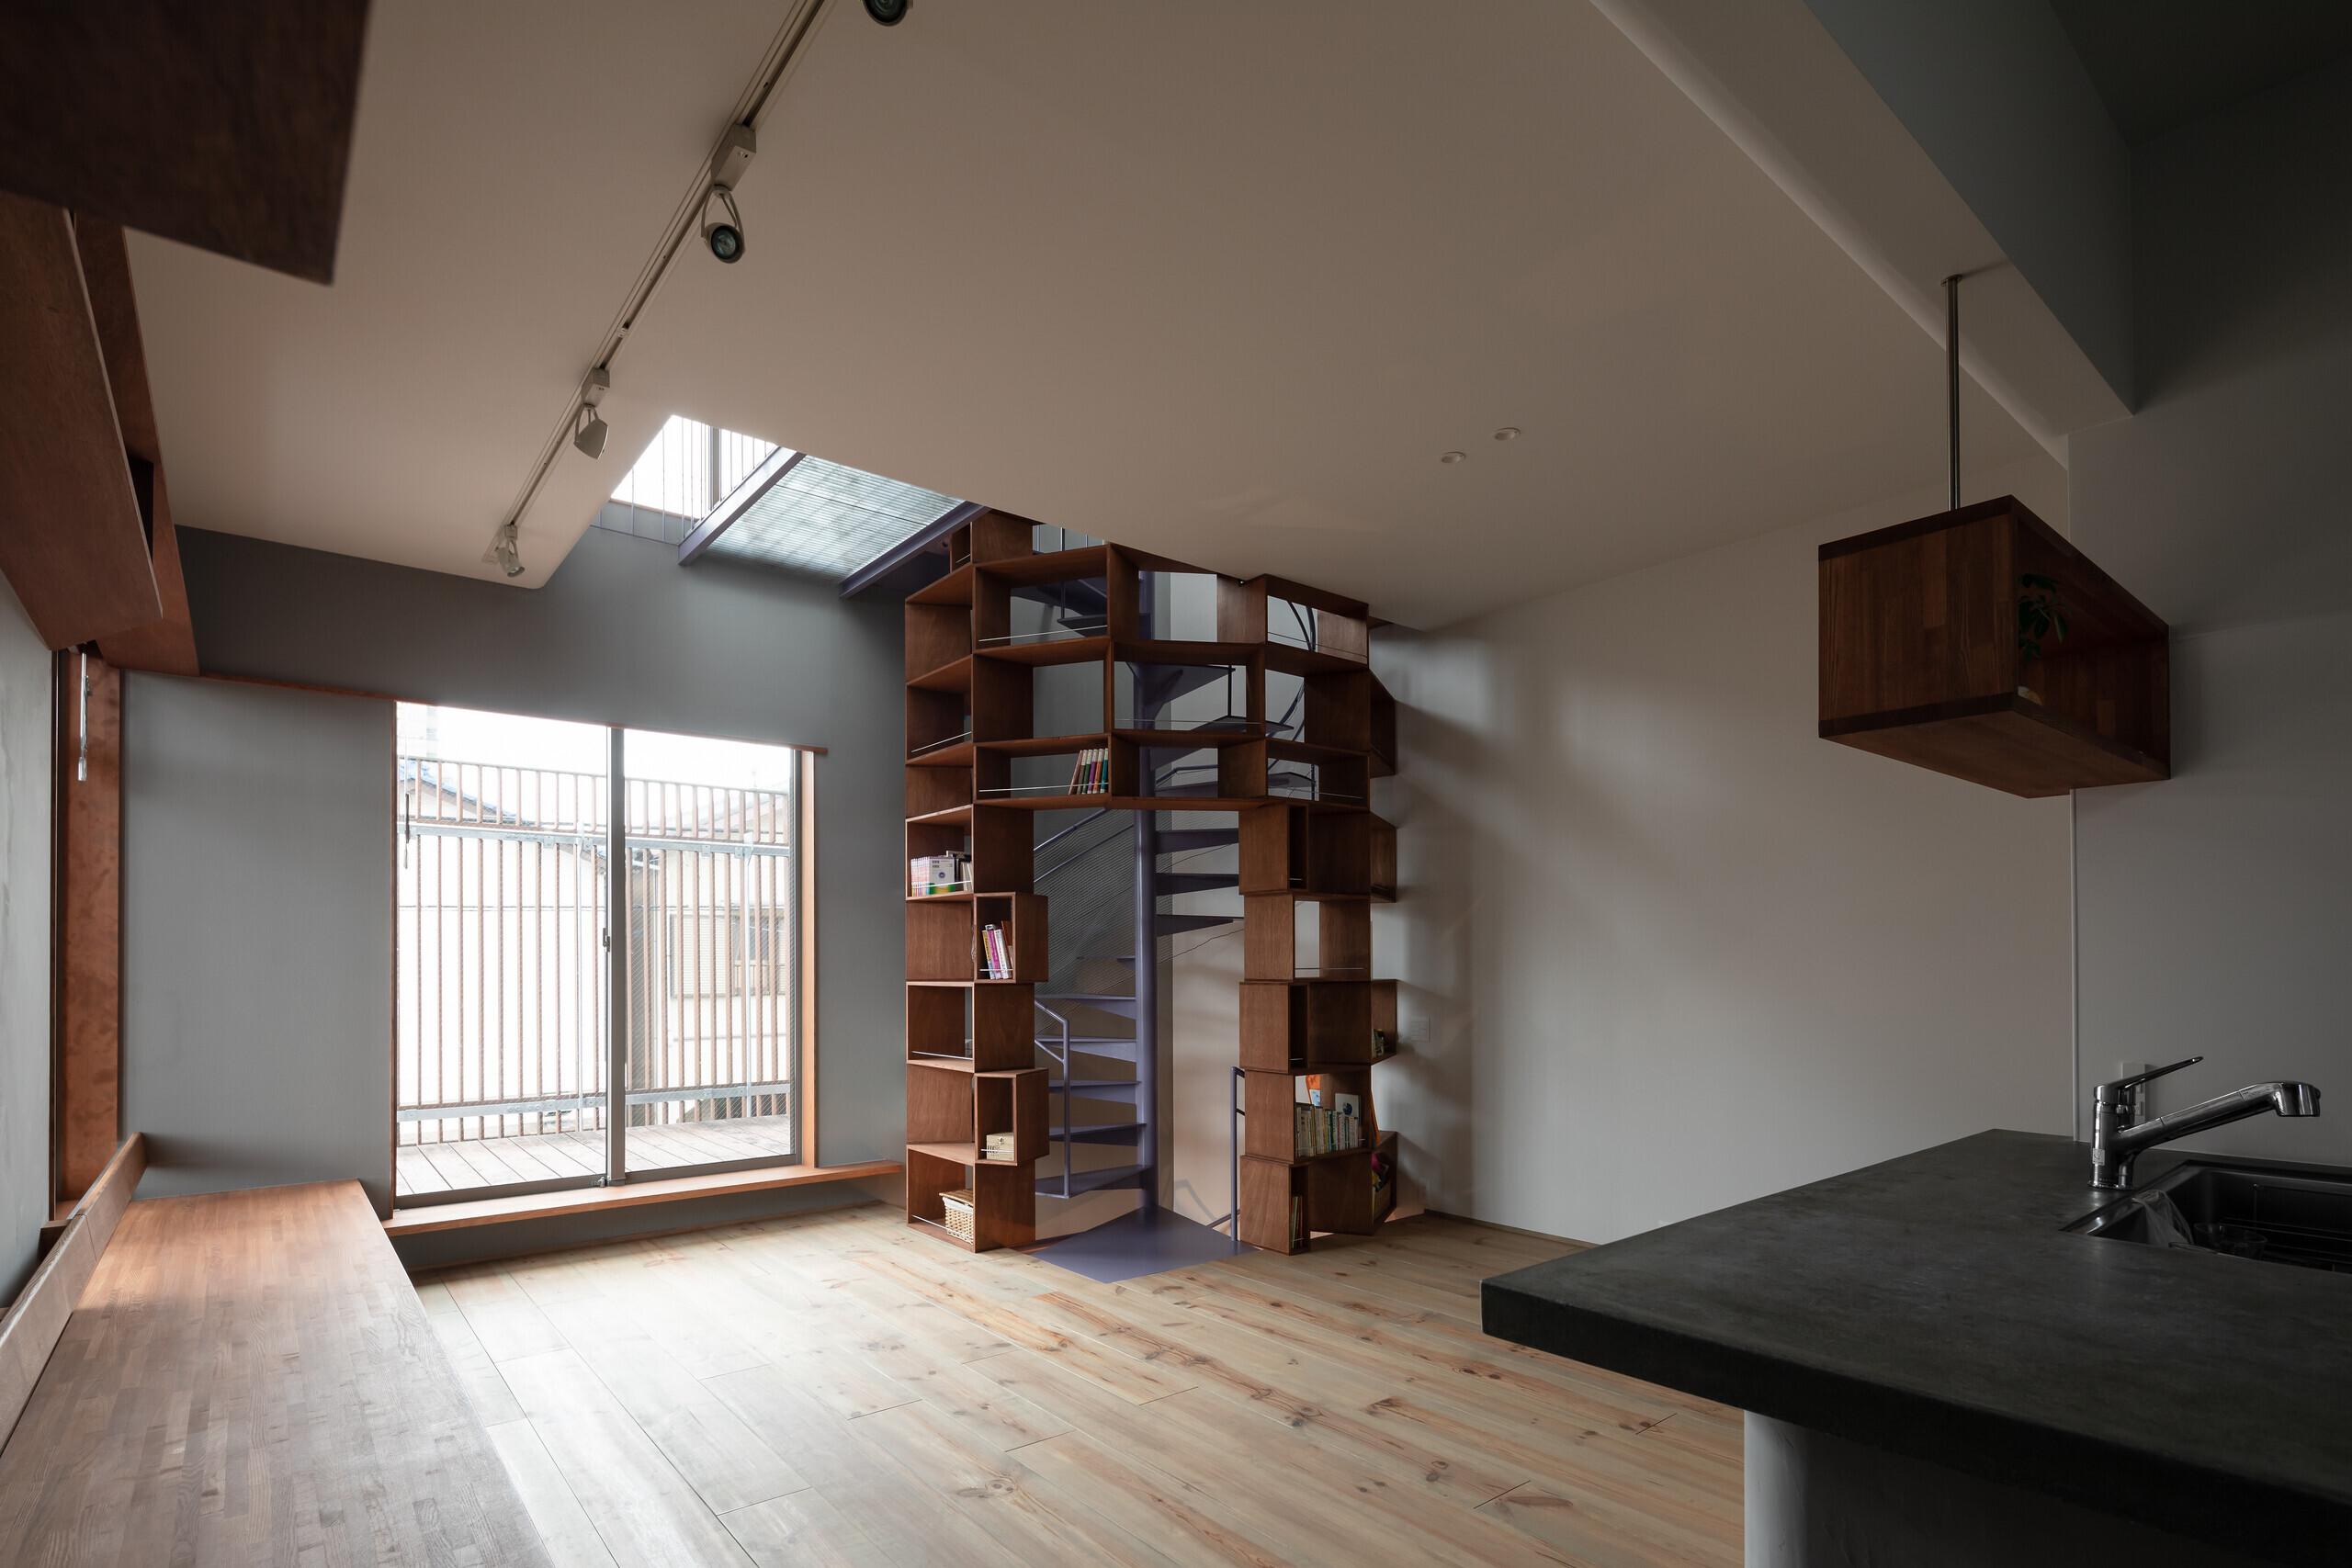 螺旋×shelf / 螺旋階段を活かした狭小3階建住宅の建築事例写真